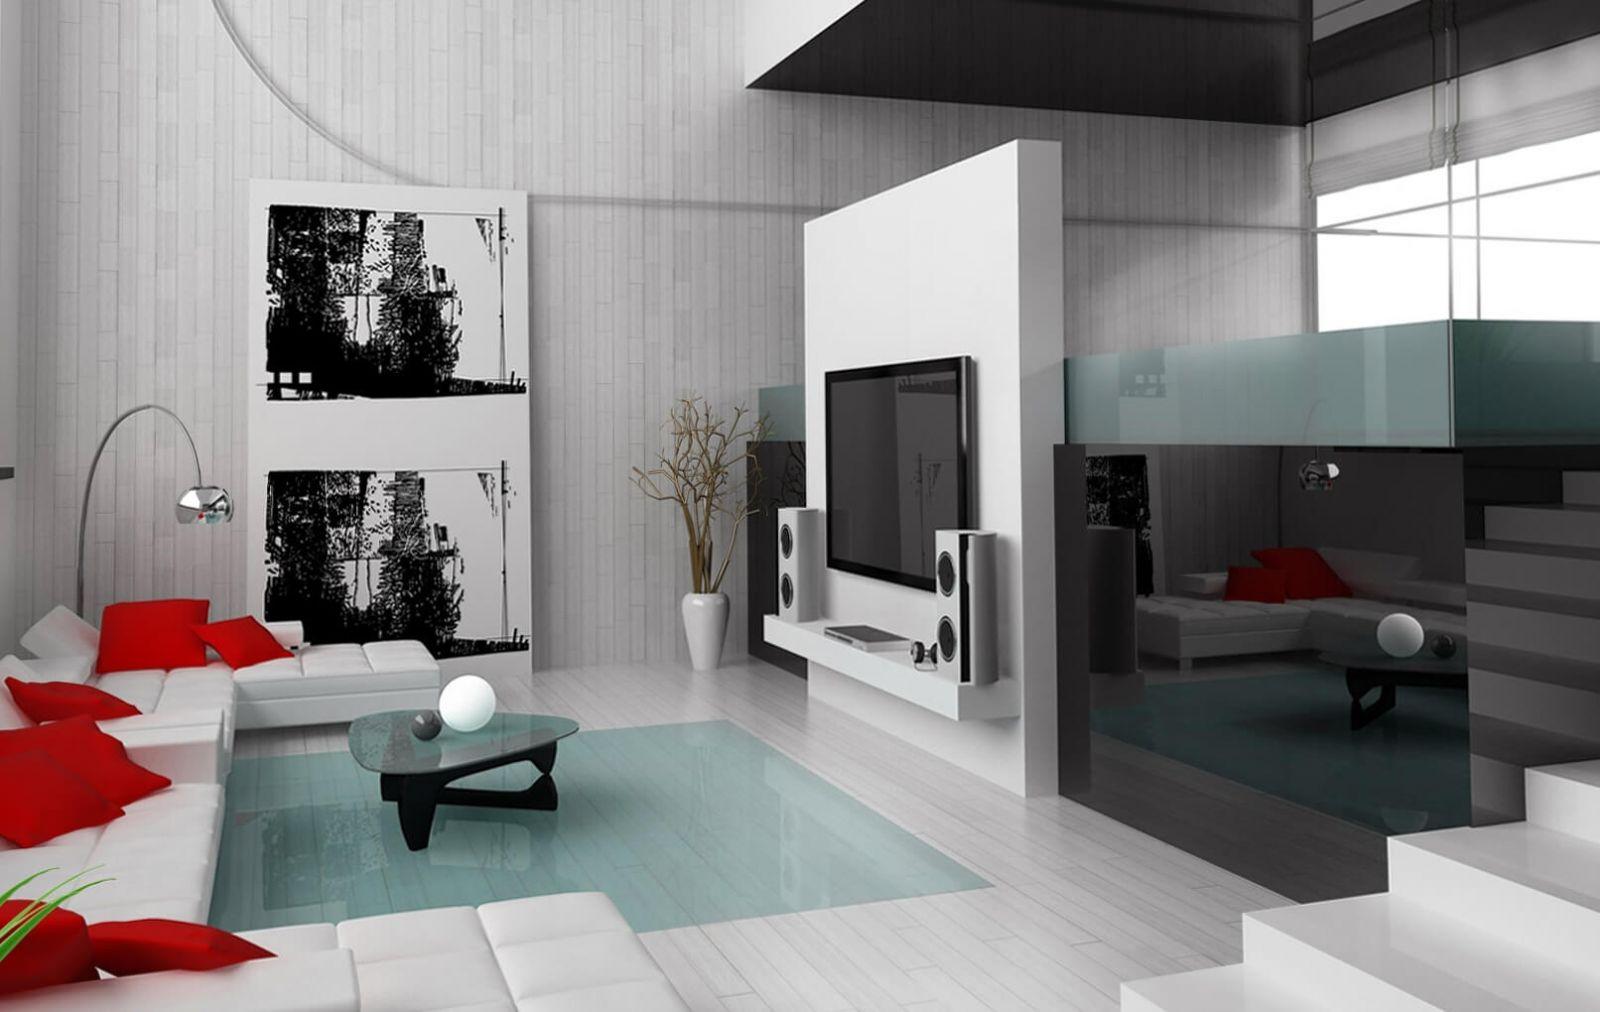 Алые акцентные подушки на фоне прозрачной голубизны стекла смотрятся завораживающе-стильно